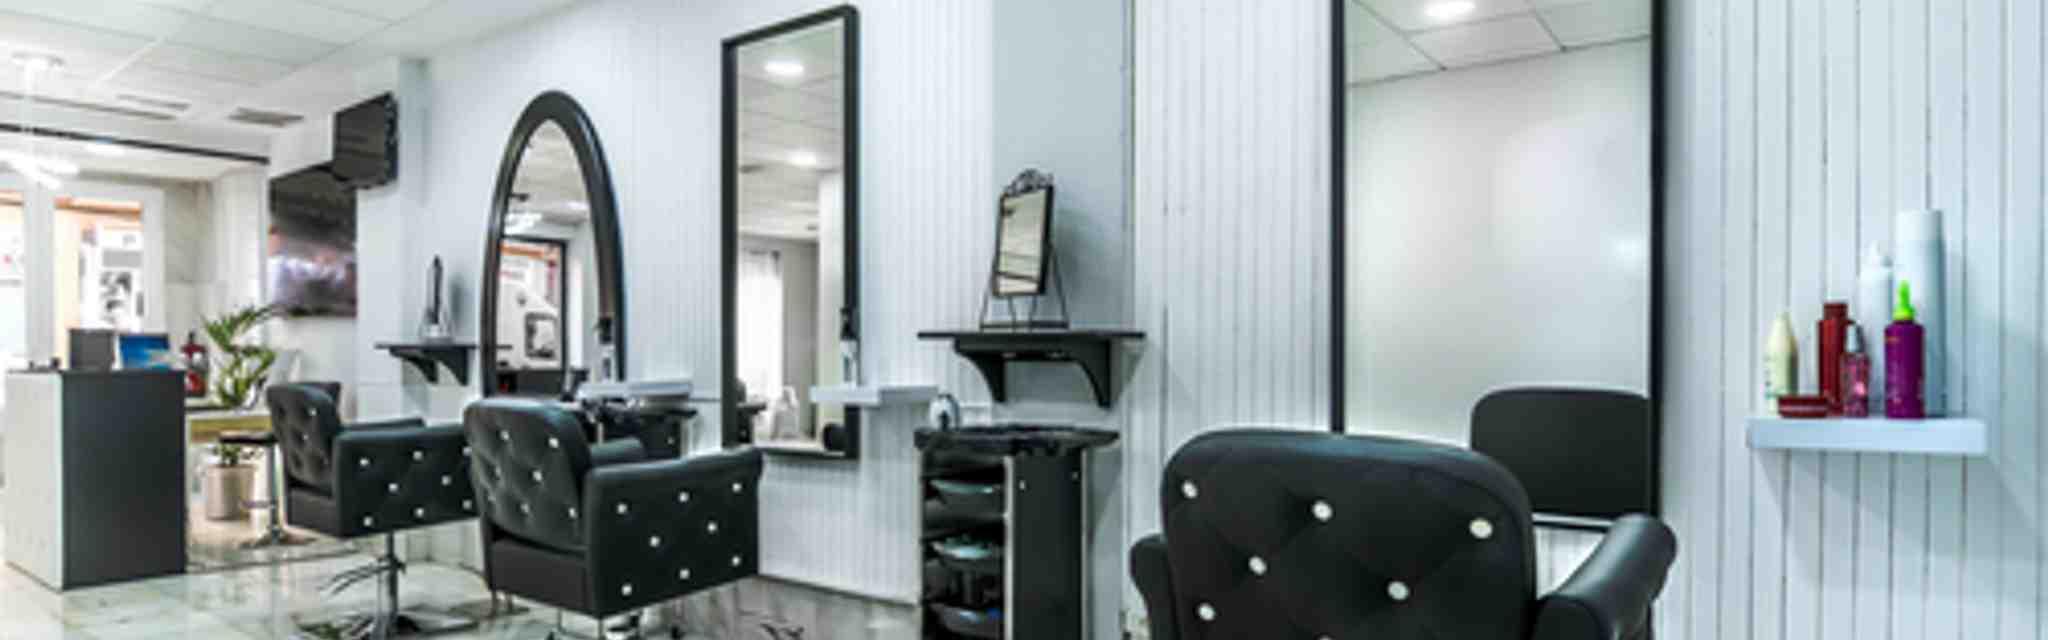 Langkah yang Harus Dilakukan Jika Ingin Membangun Bisnis Salon, Xperience Team